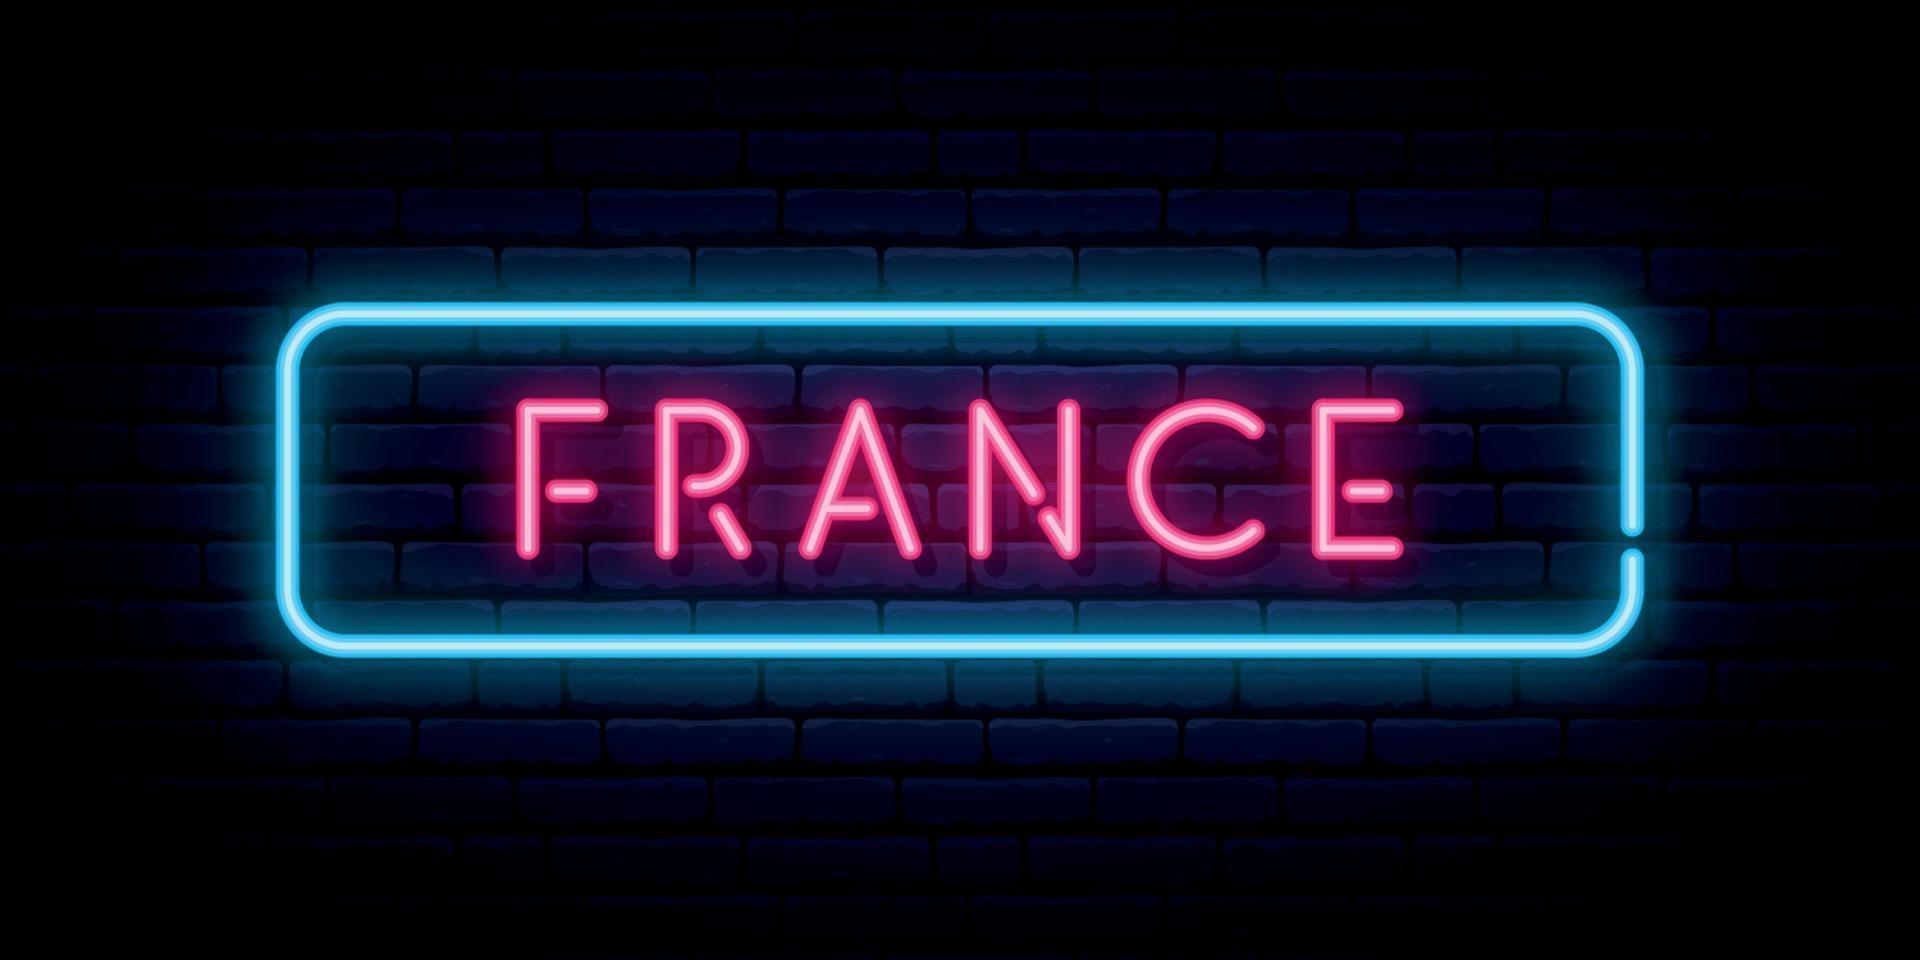 Frankrijk neon teken. helder licht uithangbord. vector